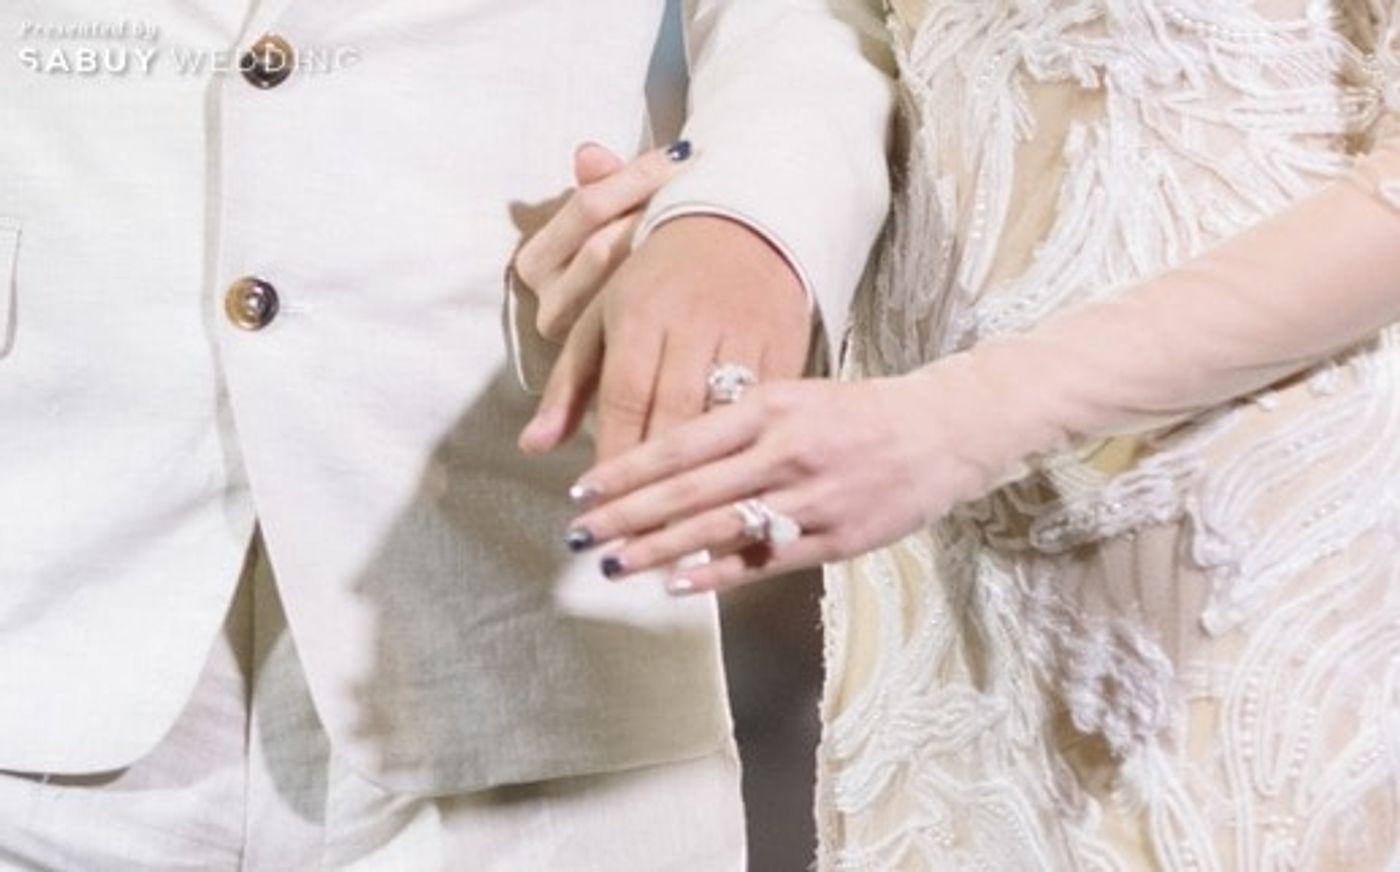 พิธีแต่งงาน,งานแต่งงาน,แลกแหวน รีวิวงานแต่งโรแมนติกแฟนตาซี ที่ได้แรงบันดาลใจจาก Harry Potter! @Vivarium by Chef Ministry